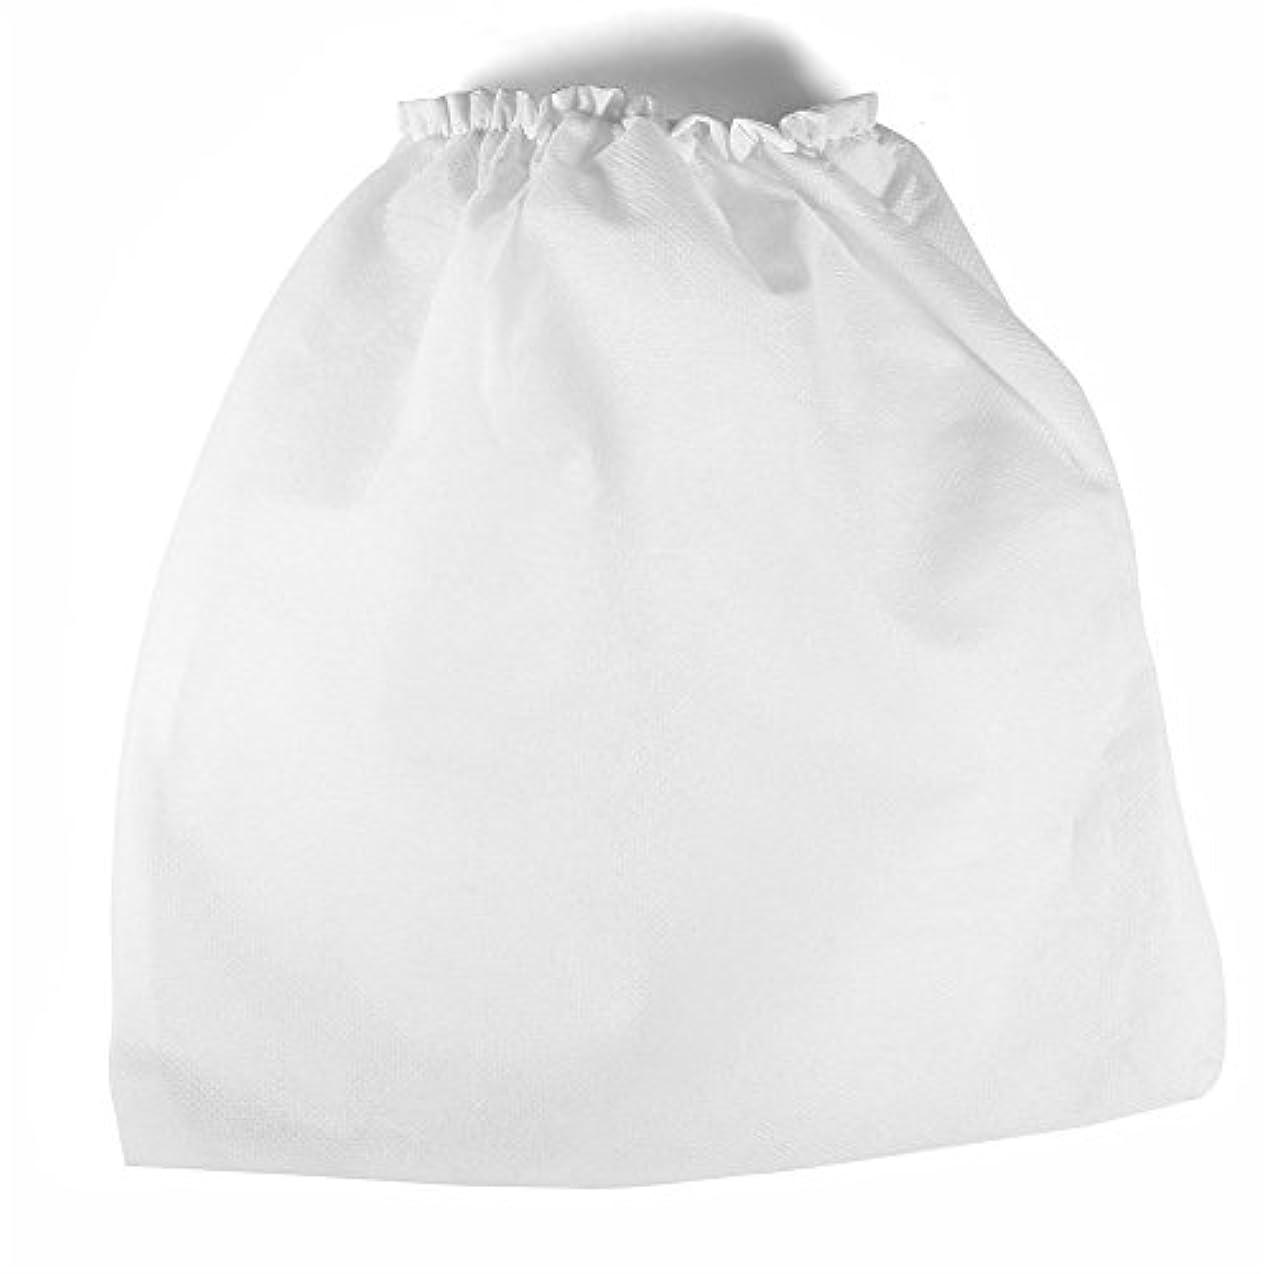 右資格情報金曜日ネイル不織布掃除機 ストコレクター ネイルのほこりを吸って 収集袋10枚